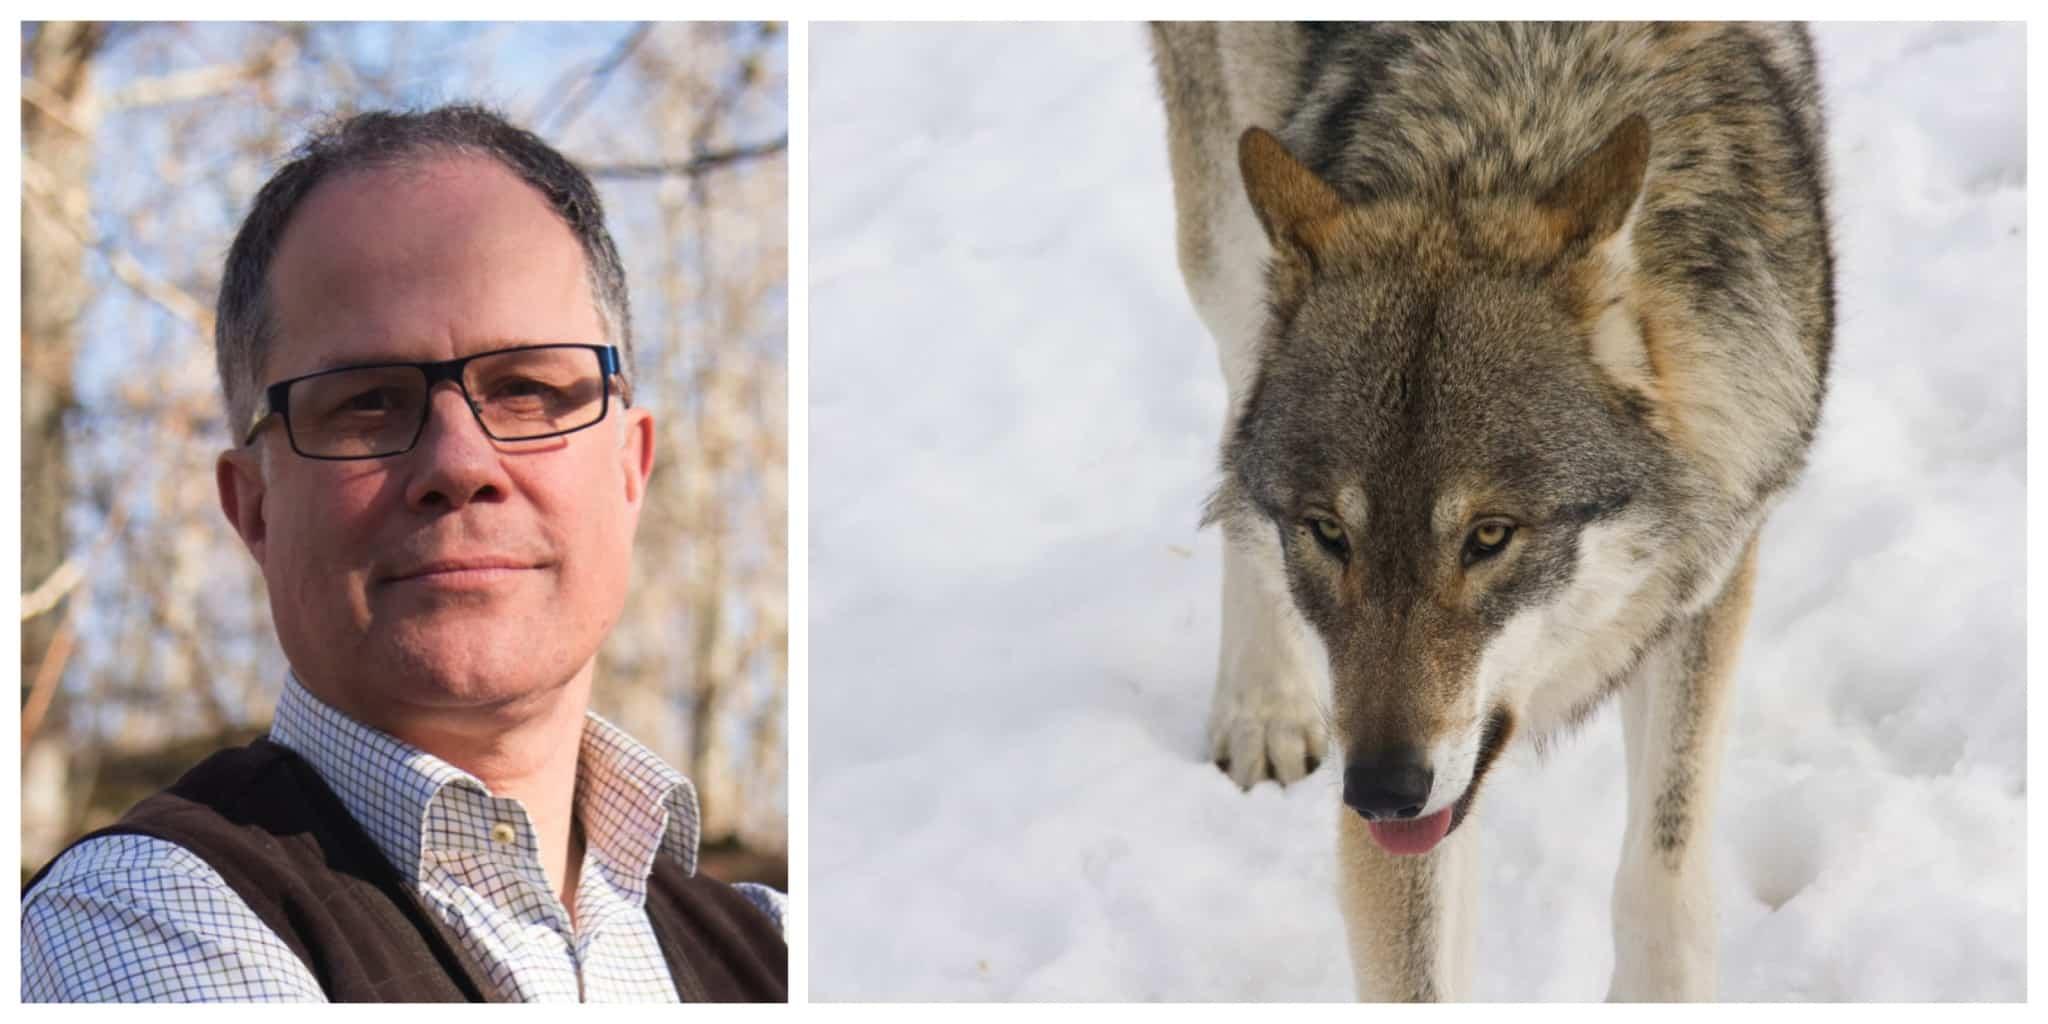 Vi kommer alltid stå upp för jakten, jägarna och viltet och vi kommer aldrig acceptera illegal verksamhet i viltförvaltningen, skriver Torbjörn Larsson, ordförande i Svenska Jägareförbundet.